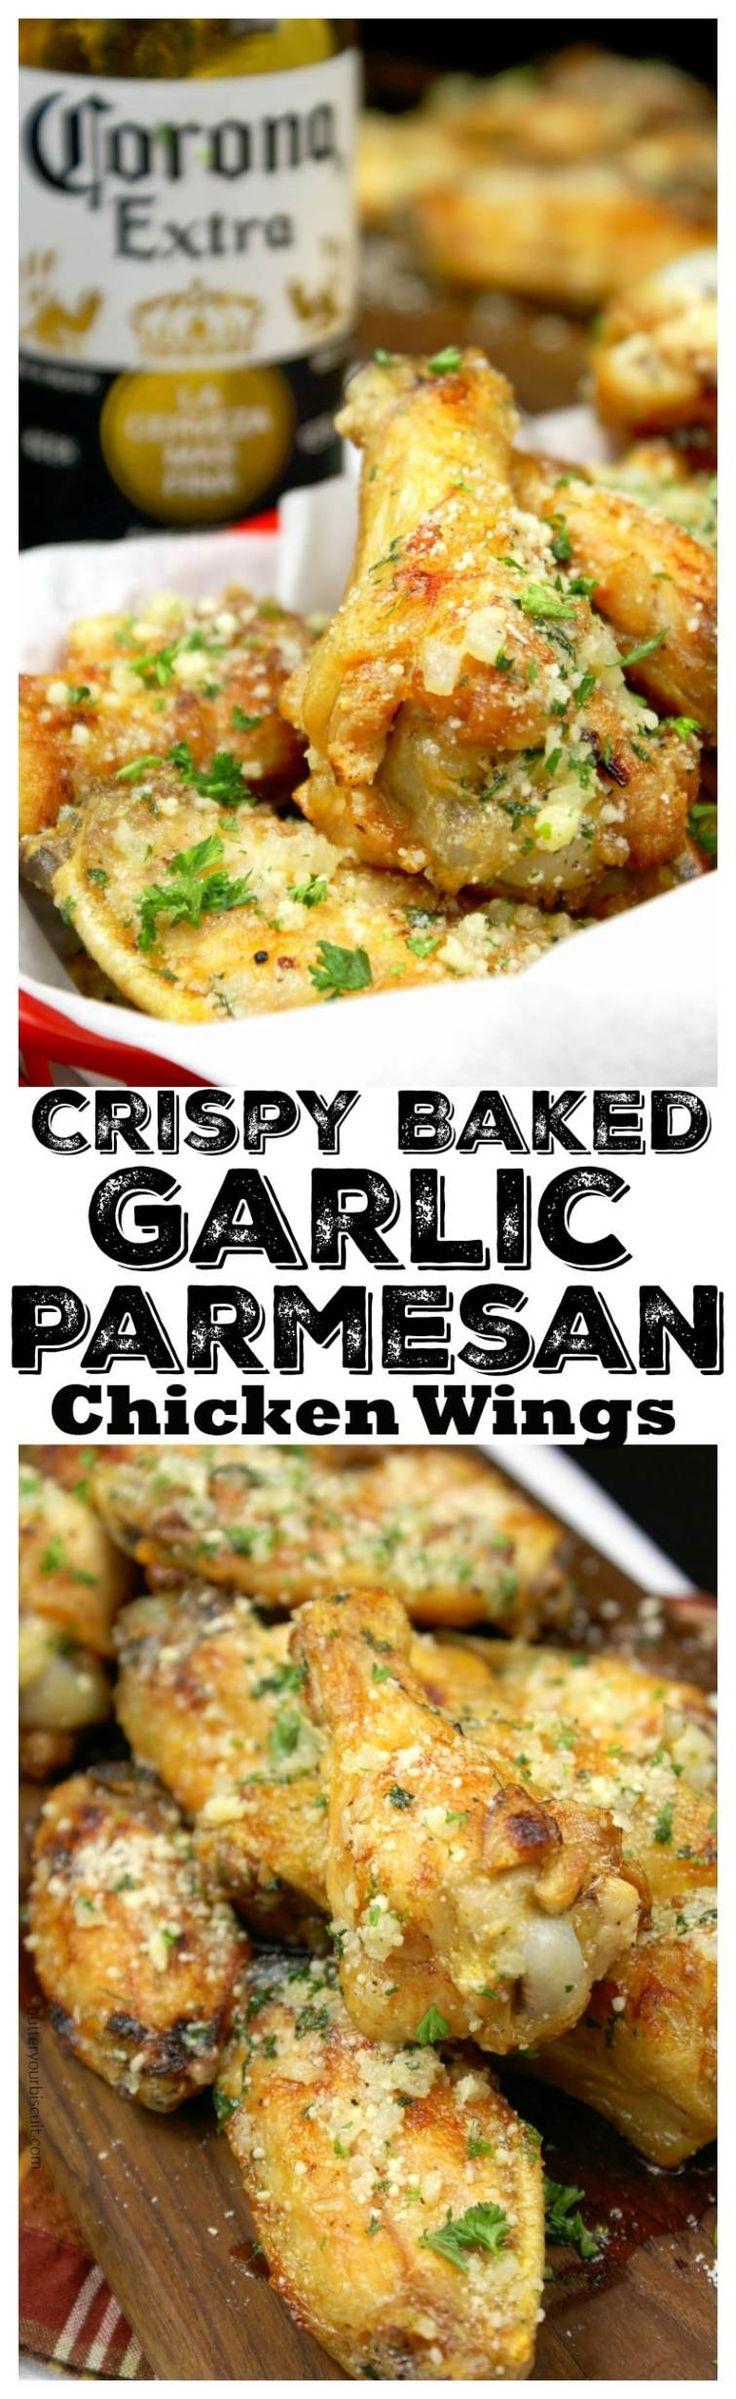 Best 25+ Baked turkey wings ideas on Pinterest | Turkey ...